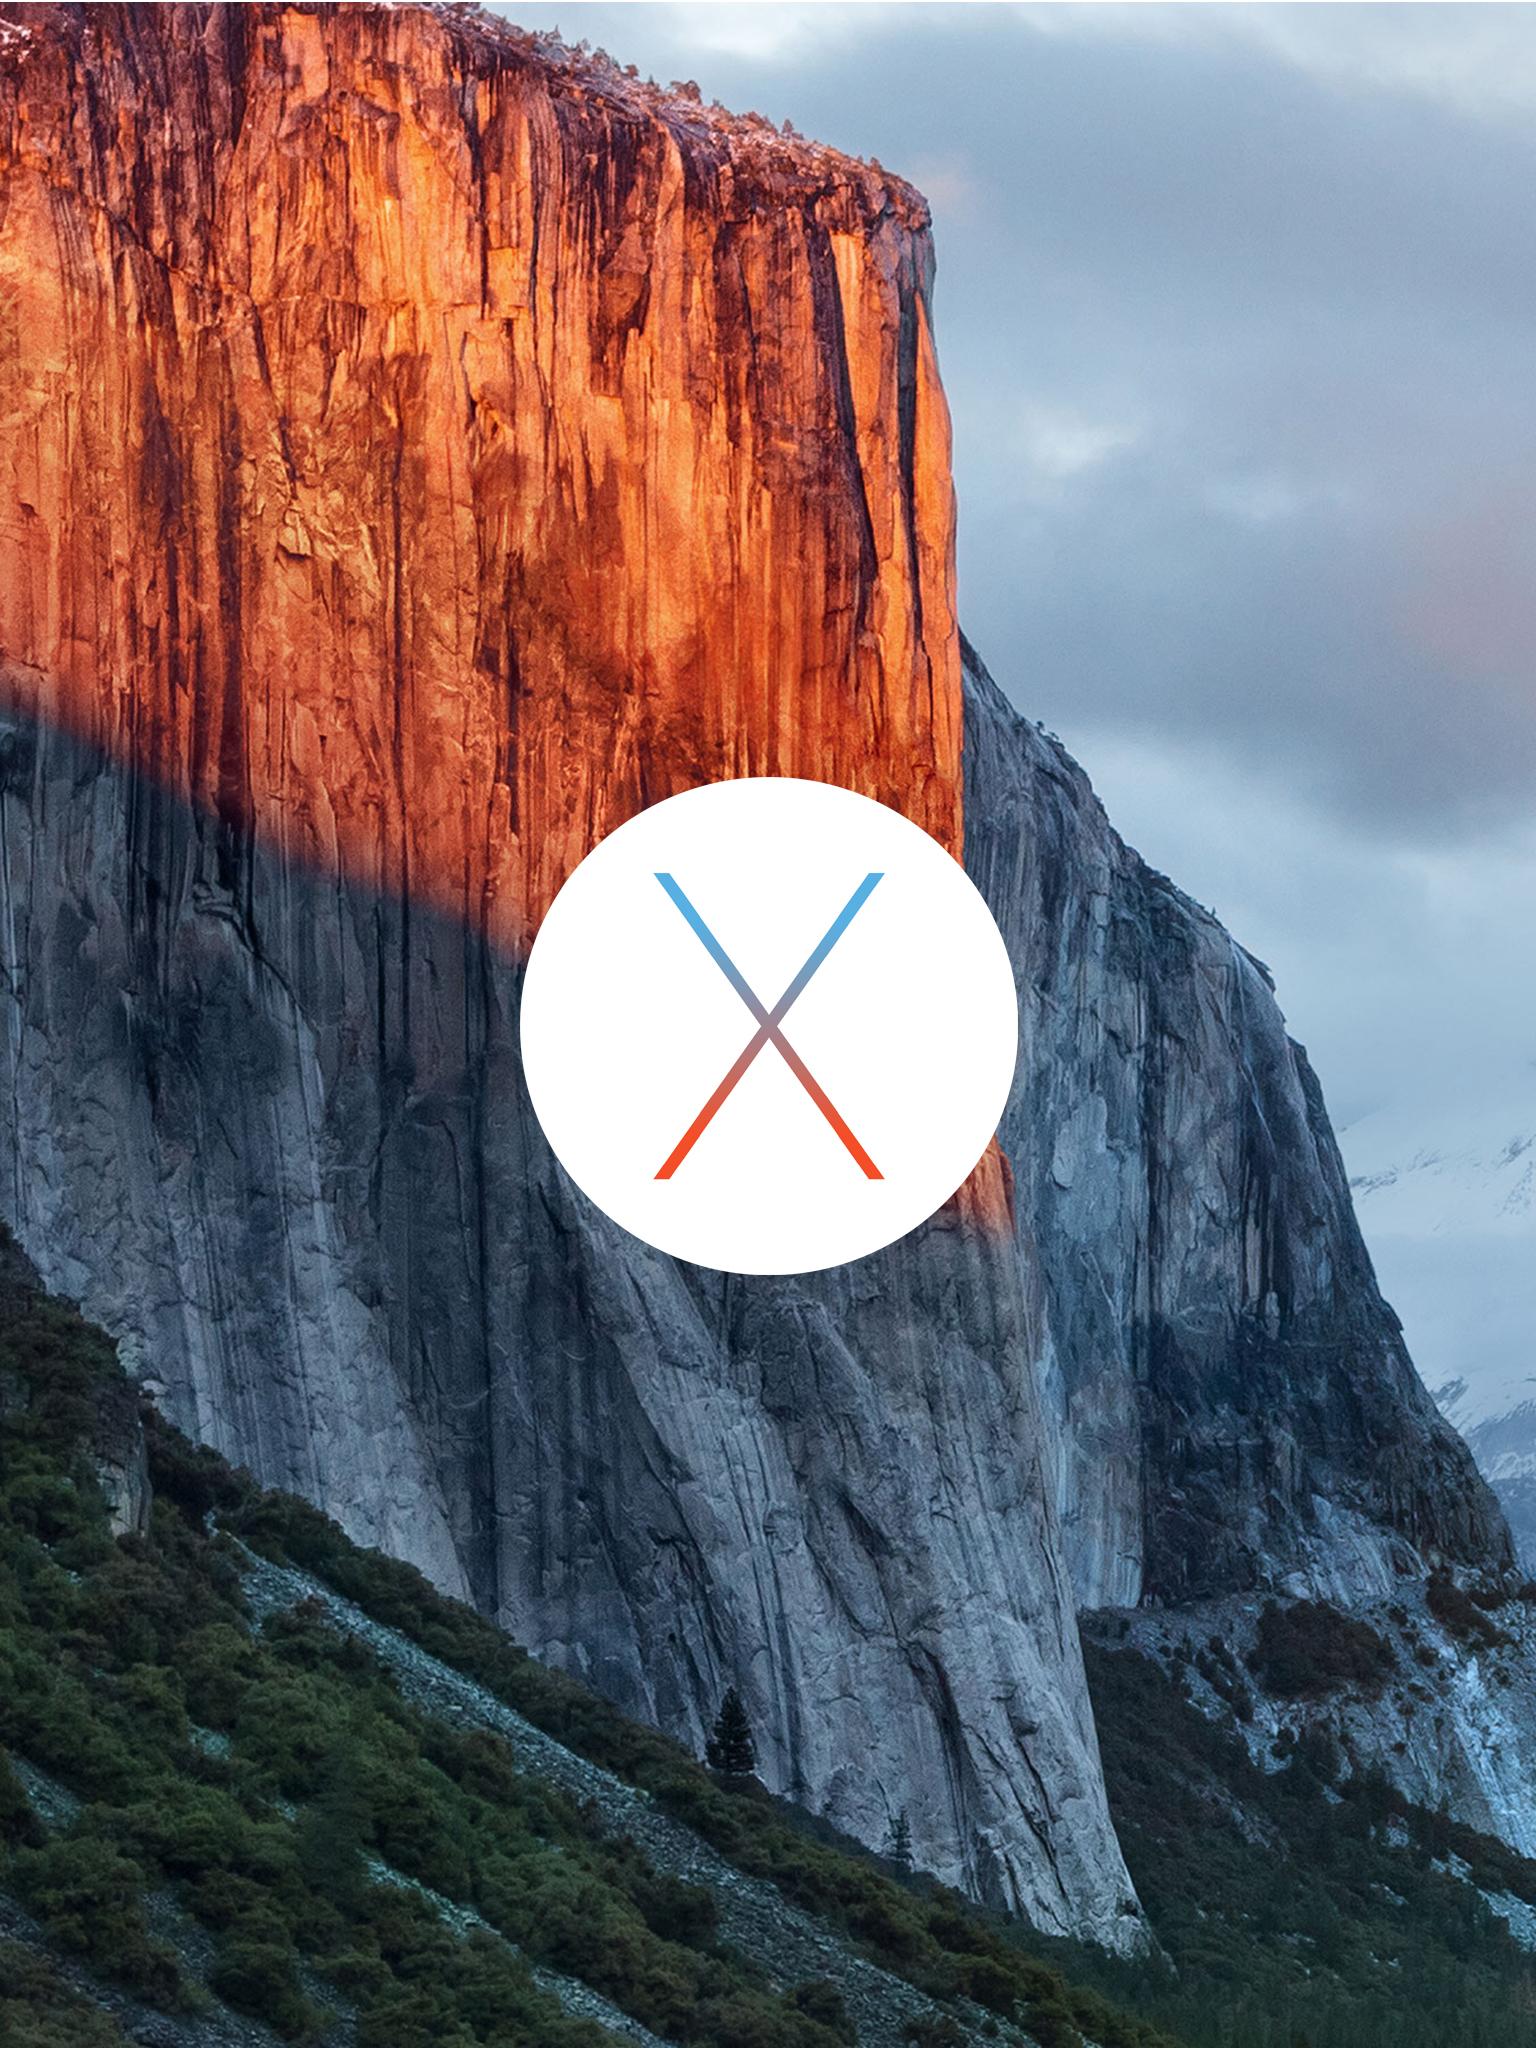 Official Os X El Capitan Wallpaper For Iphone Ipad Desktop